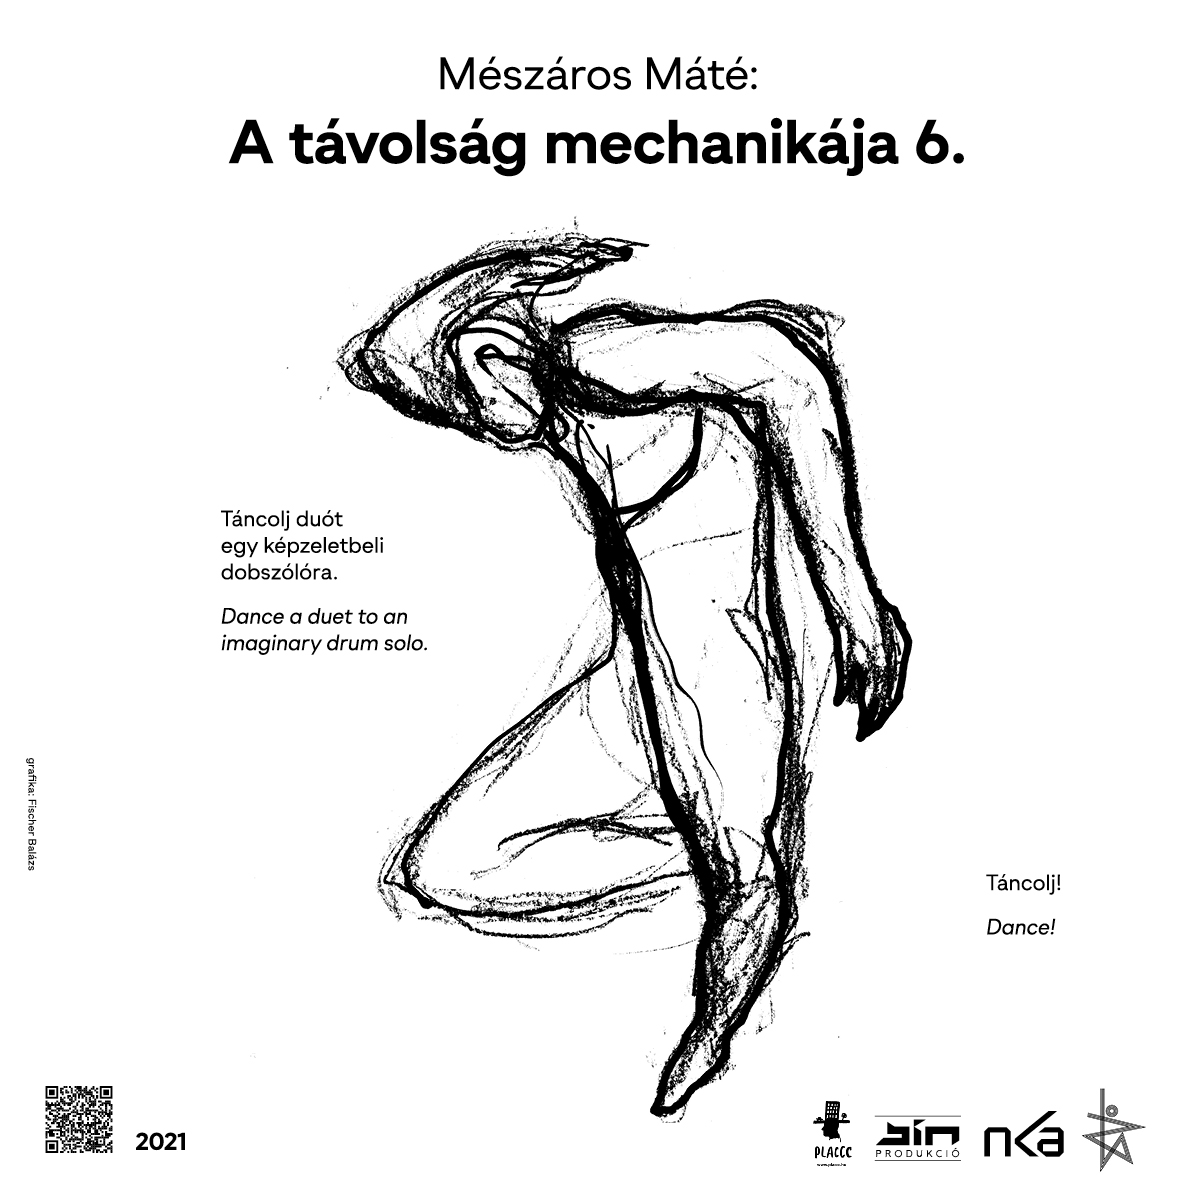 Mészáros Máté: A távolság mechanikája / 2021.06.21. a Placcc Dance keretében